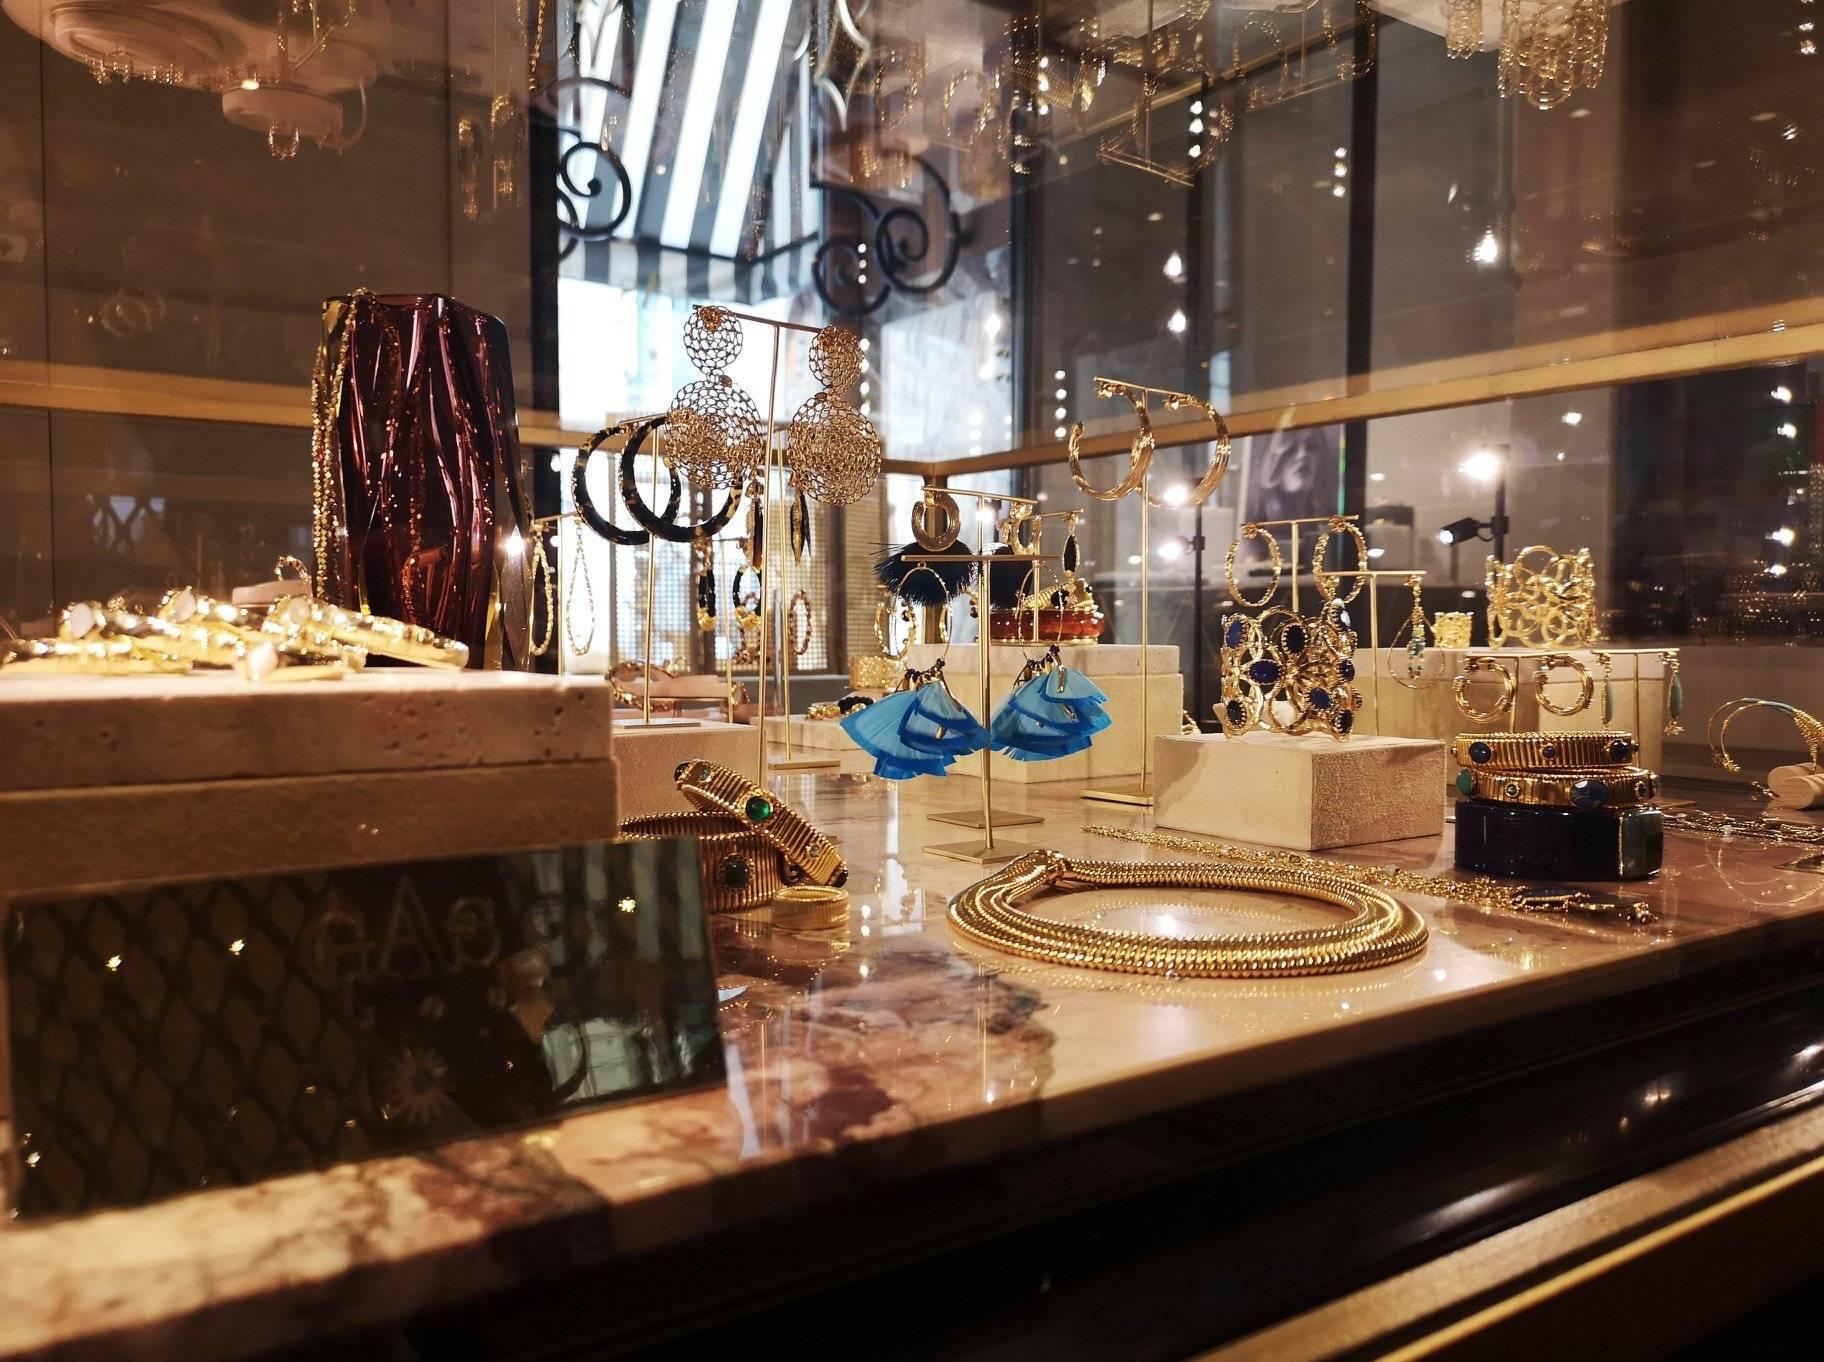 Gas-Bijoux-la-marque-de-bijoux-haute-fantaisie-francaise-a-shopper-pour-lete-2-1